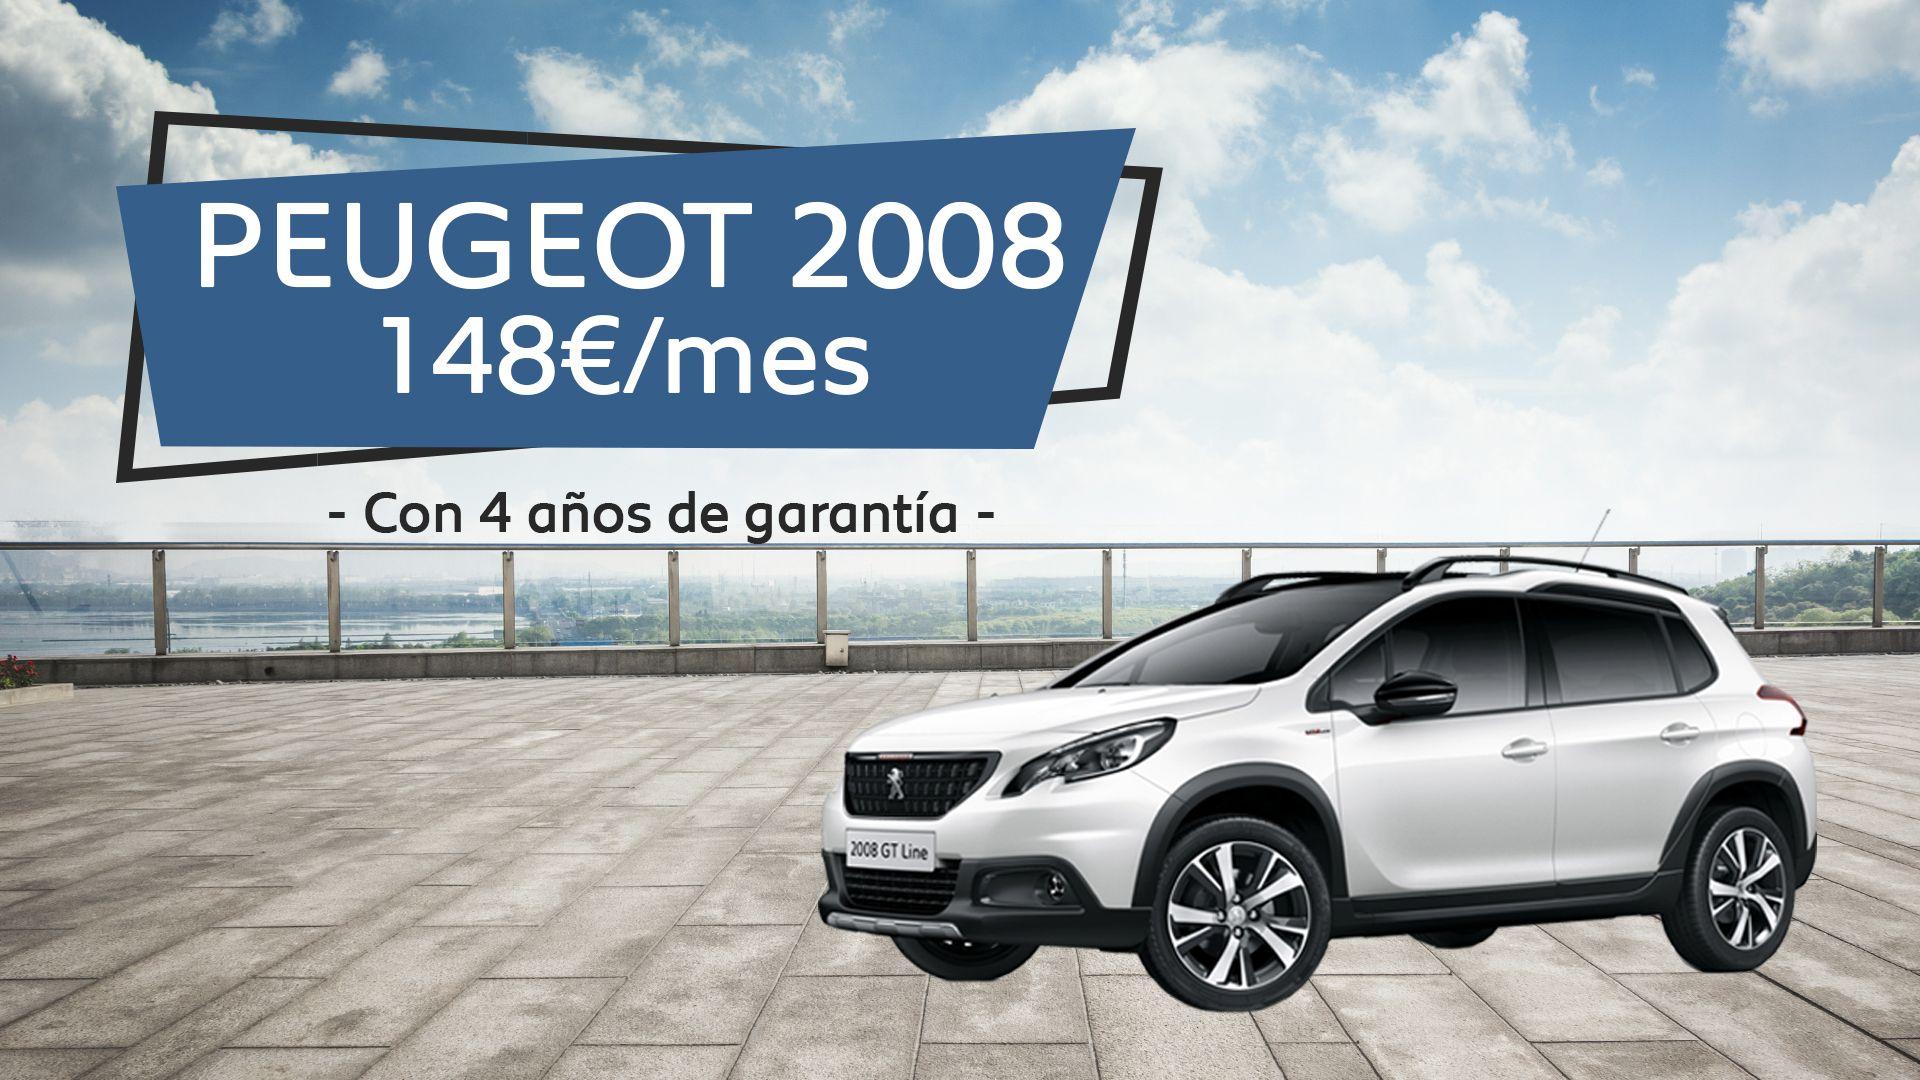 Disfruta de un Peugeot 2008 por sólo 148€/mes